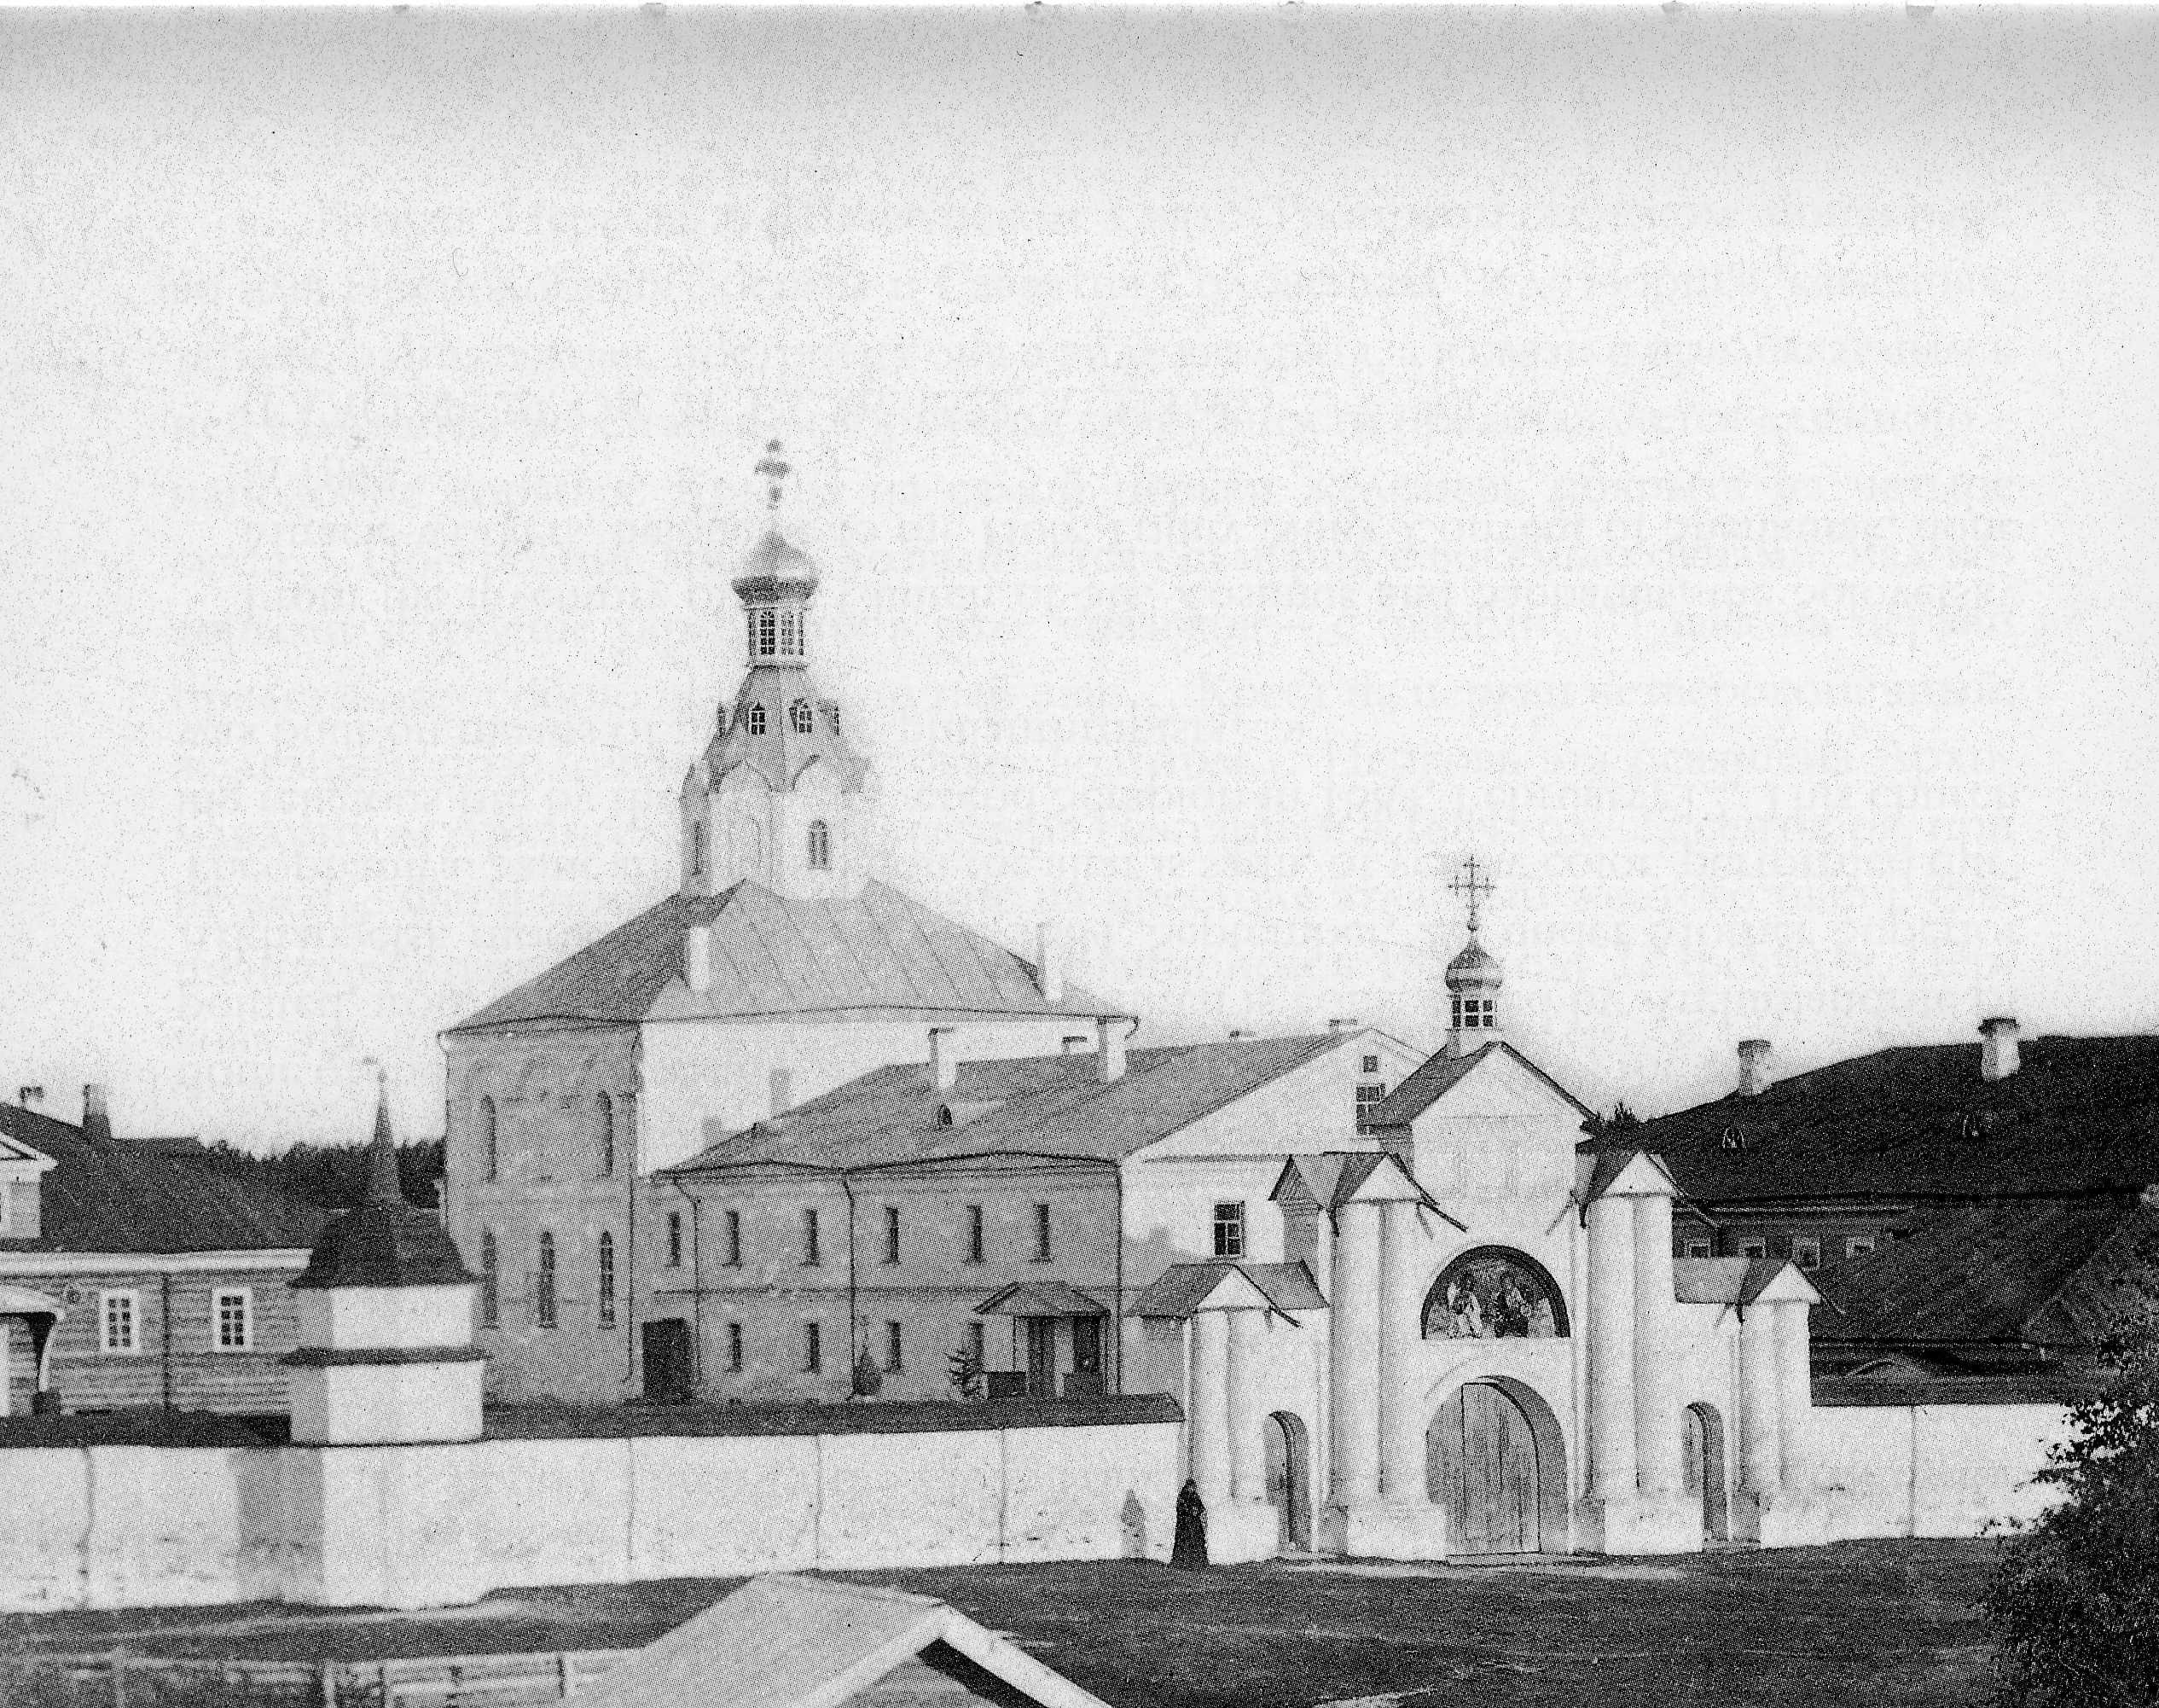 Свято-Троицкий женский монастырь. Церковь Преподобных Зосимы и Савватия Соловецких Чудотворцев